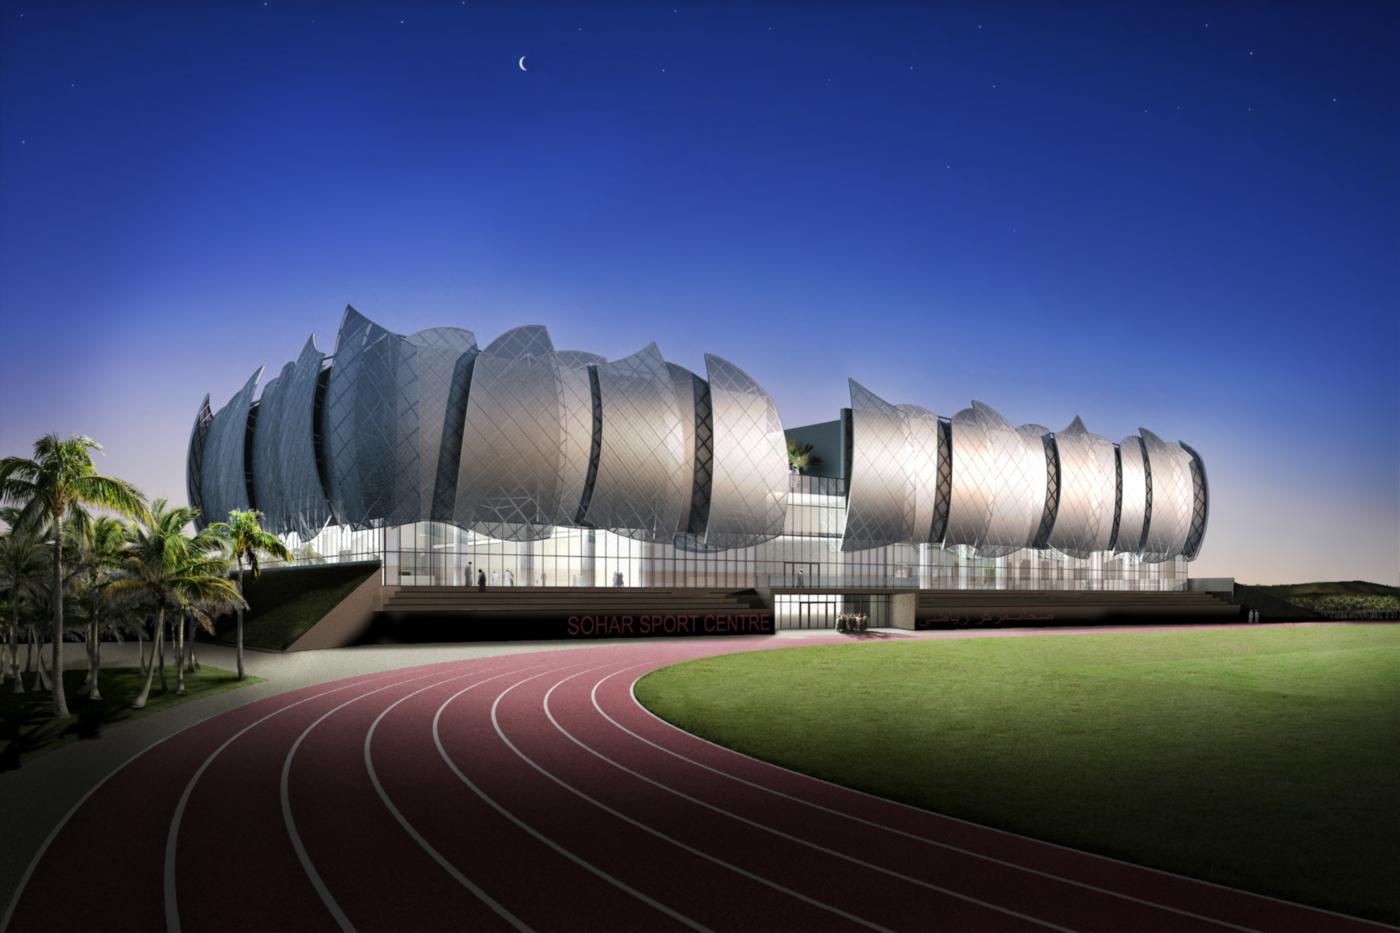 Il nuovo centro sportivo della Sohar University, in Oman, con le sue iconiche vele   project management   vista notturna   Bottega di Architettura